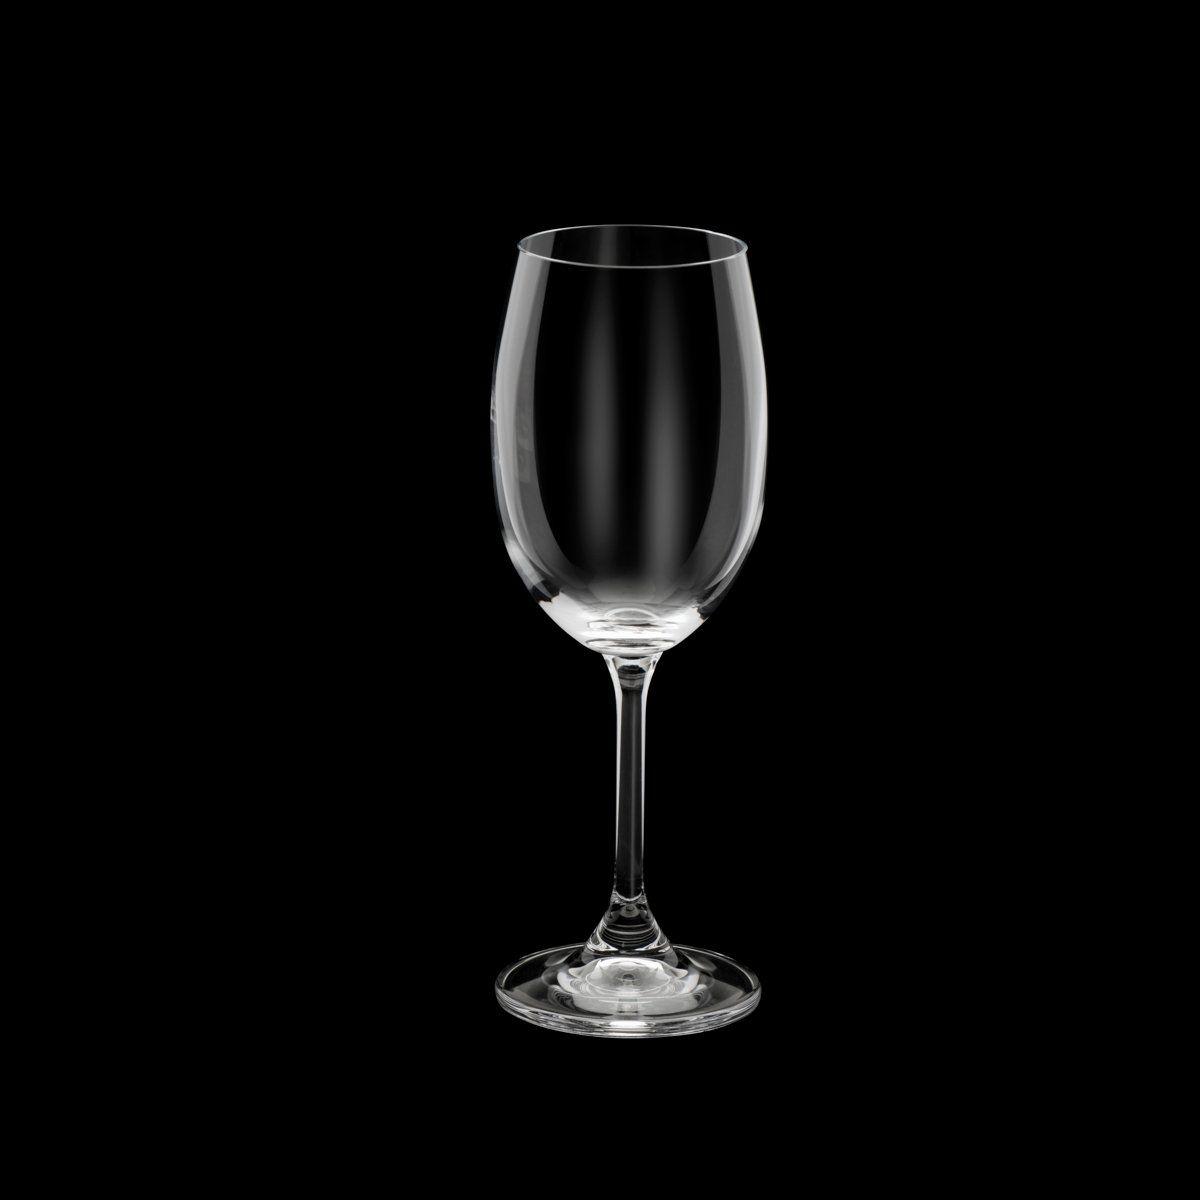 Jogo 6 taças 450ml para vinho tinto de cristal ecológico transparente Gastro Bohemia - 5253